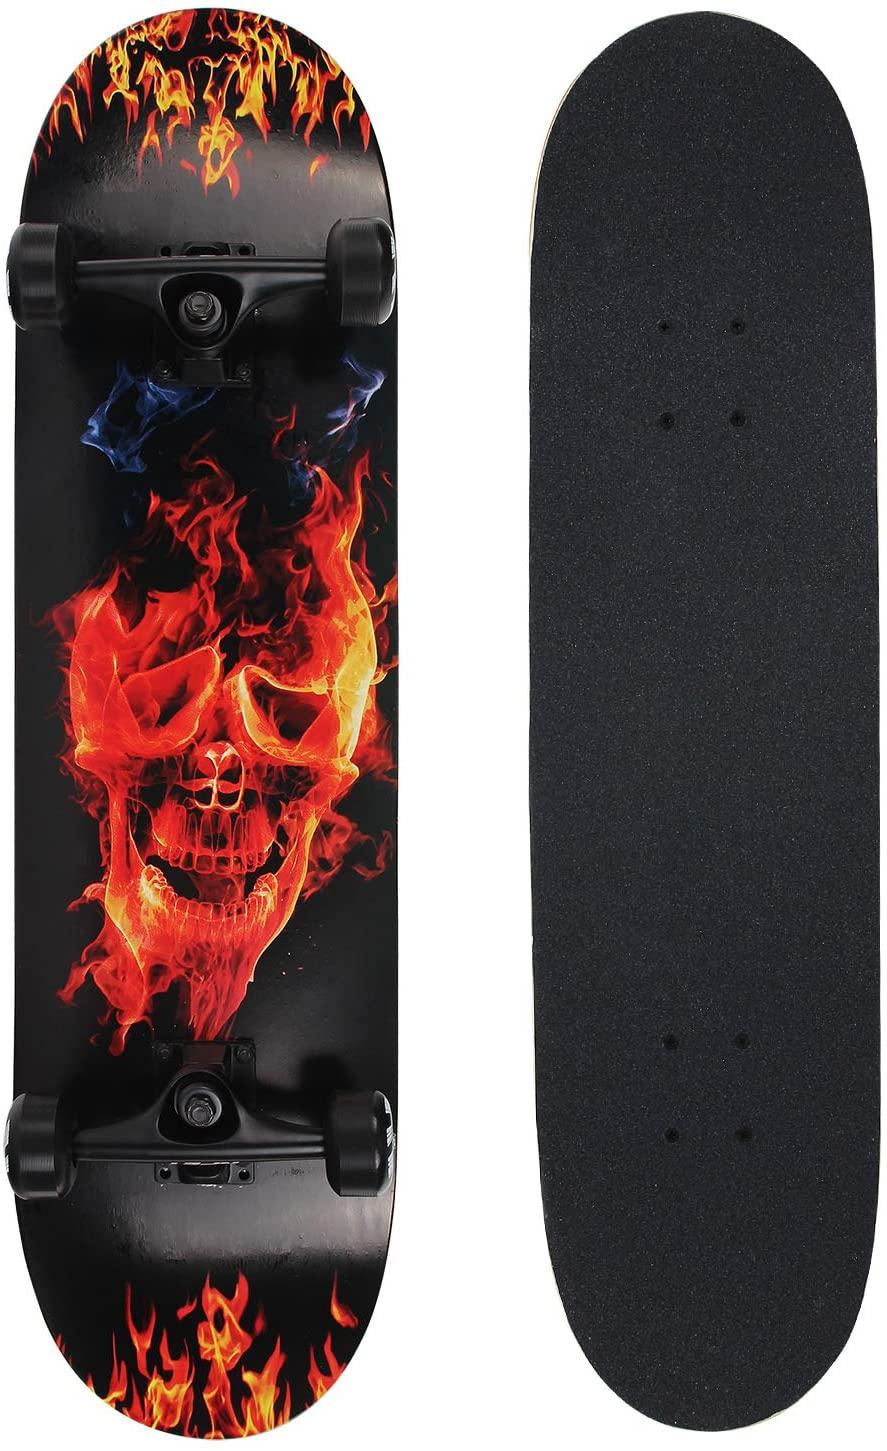 NPET Pro Skateboard Complete